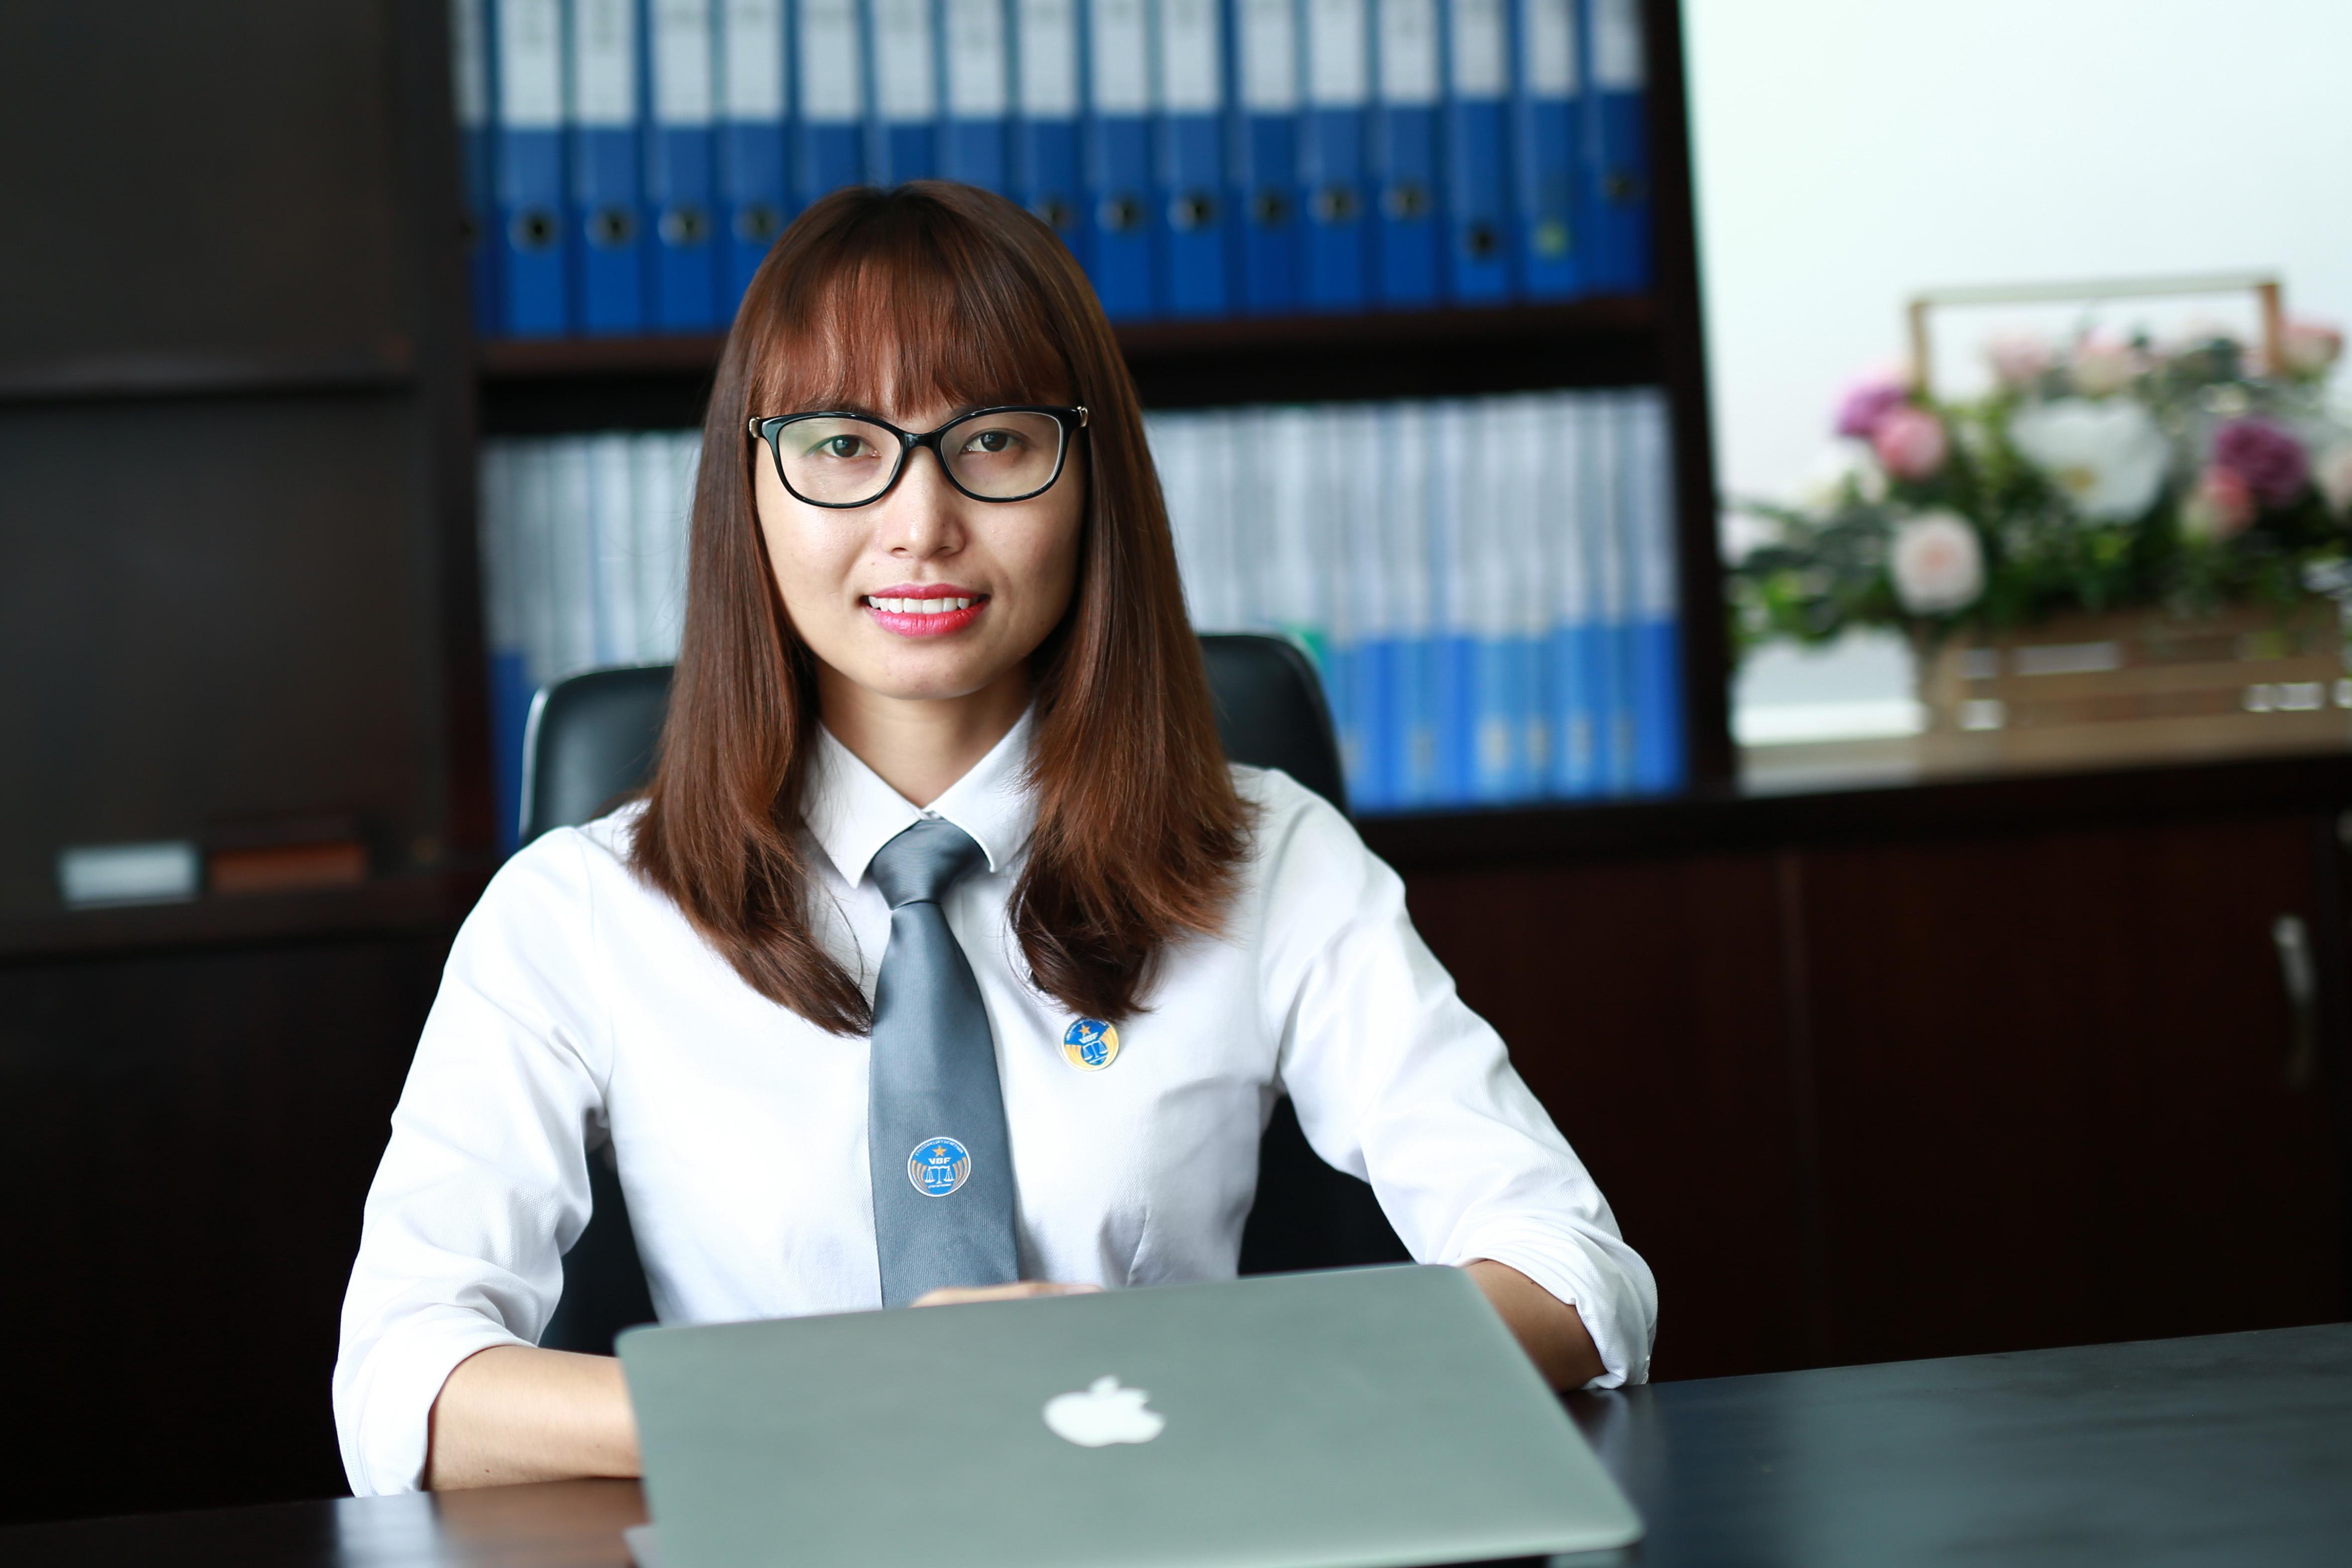 Luật sư Nguyễn Thị Yến - Công ty Luật TNHH Everest (Tổng đài tư vấn pháp luật 1900 6198) trả lời: